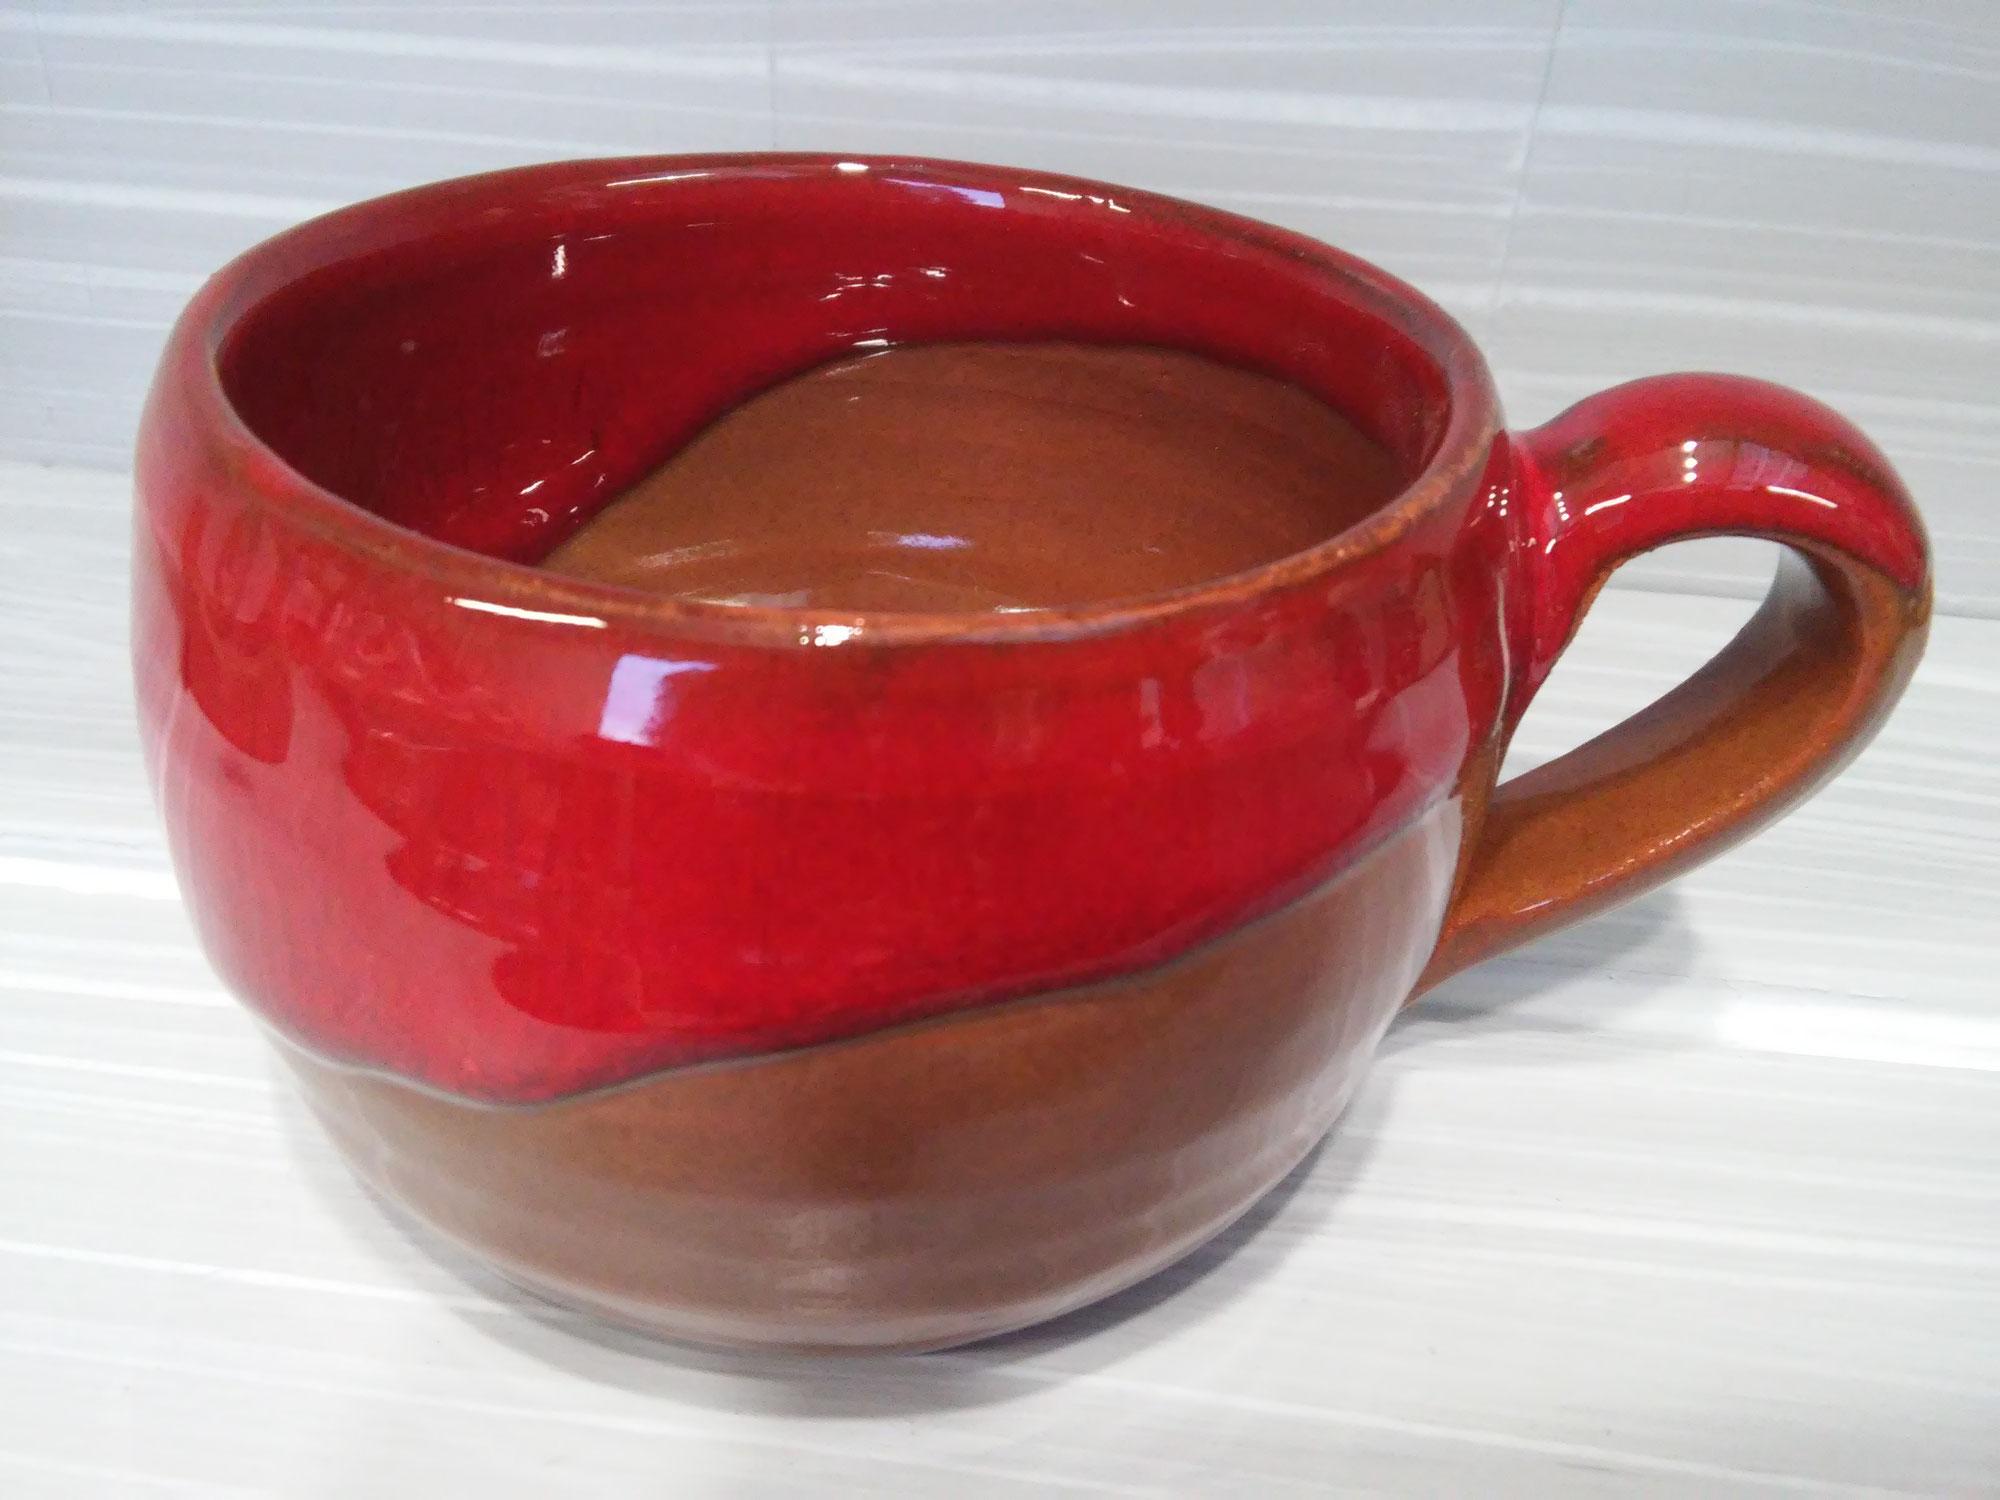 Comment poser une anse sur un Mug ?